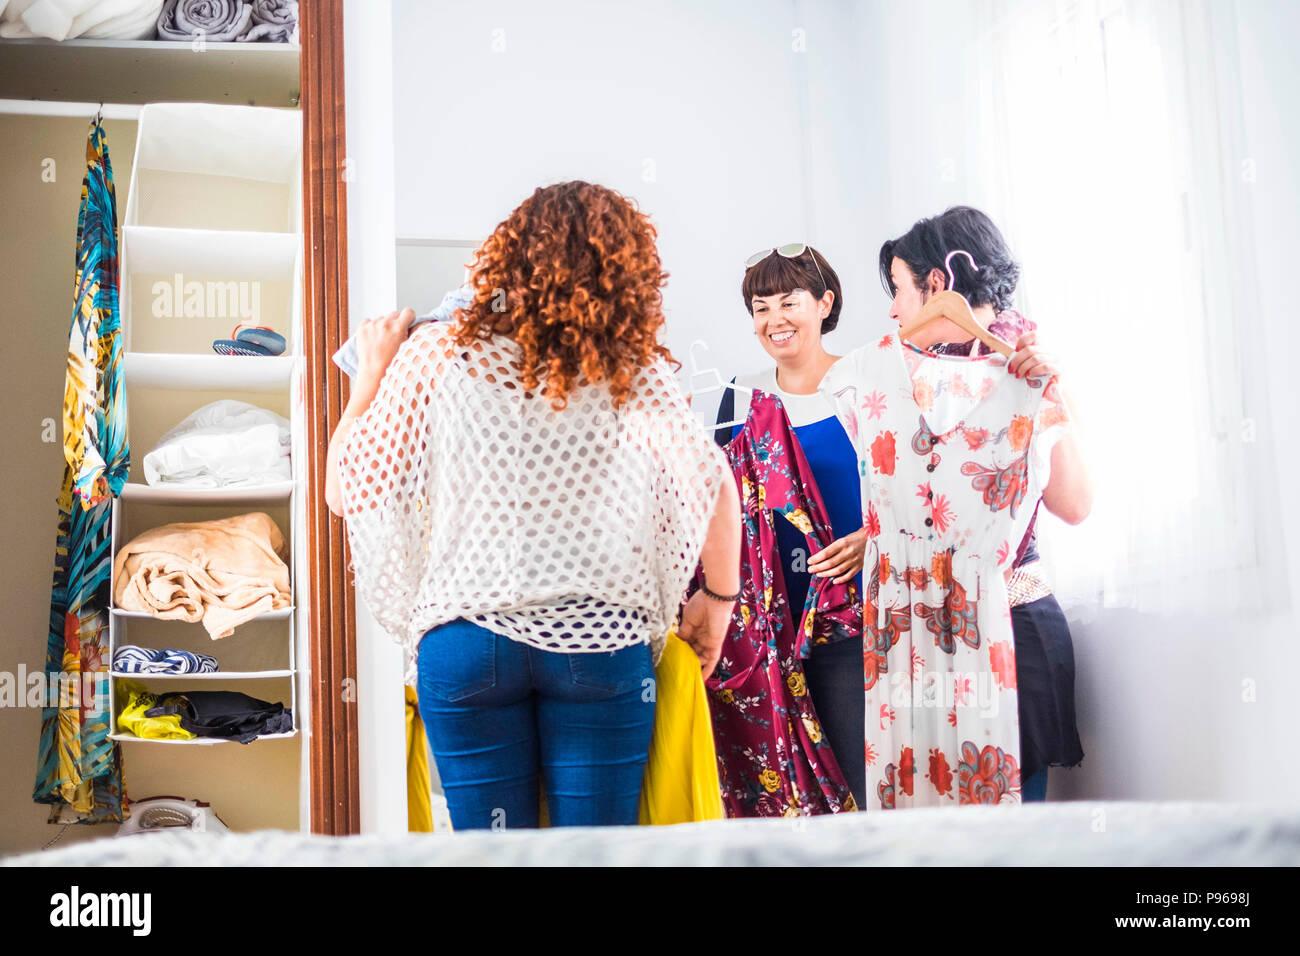 Un gruppo di tre giovani caucasici le donne a casa scegliendo il vestito pronto per la notte eventi e celebrare insieme in amicizia. sorrisi e Nizza leisu Immagini Stock